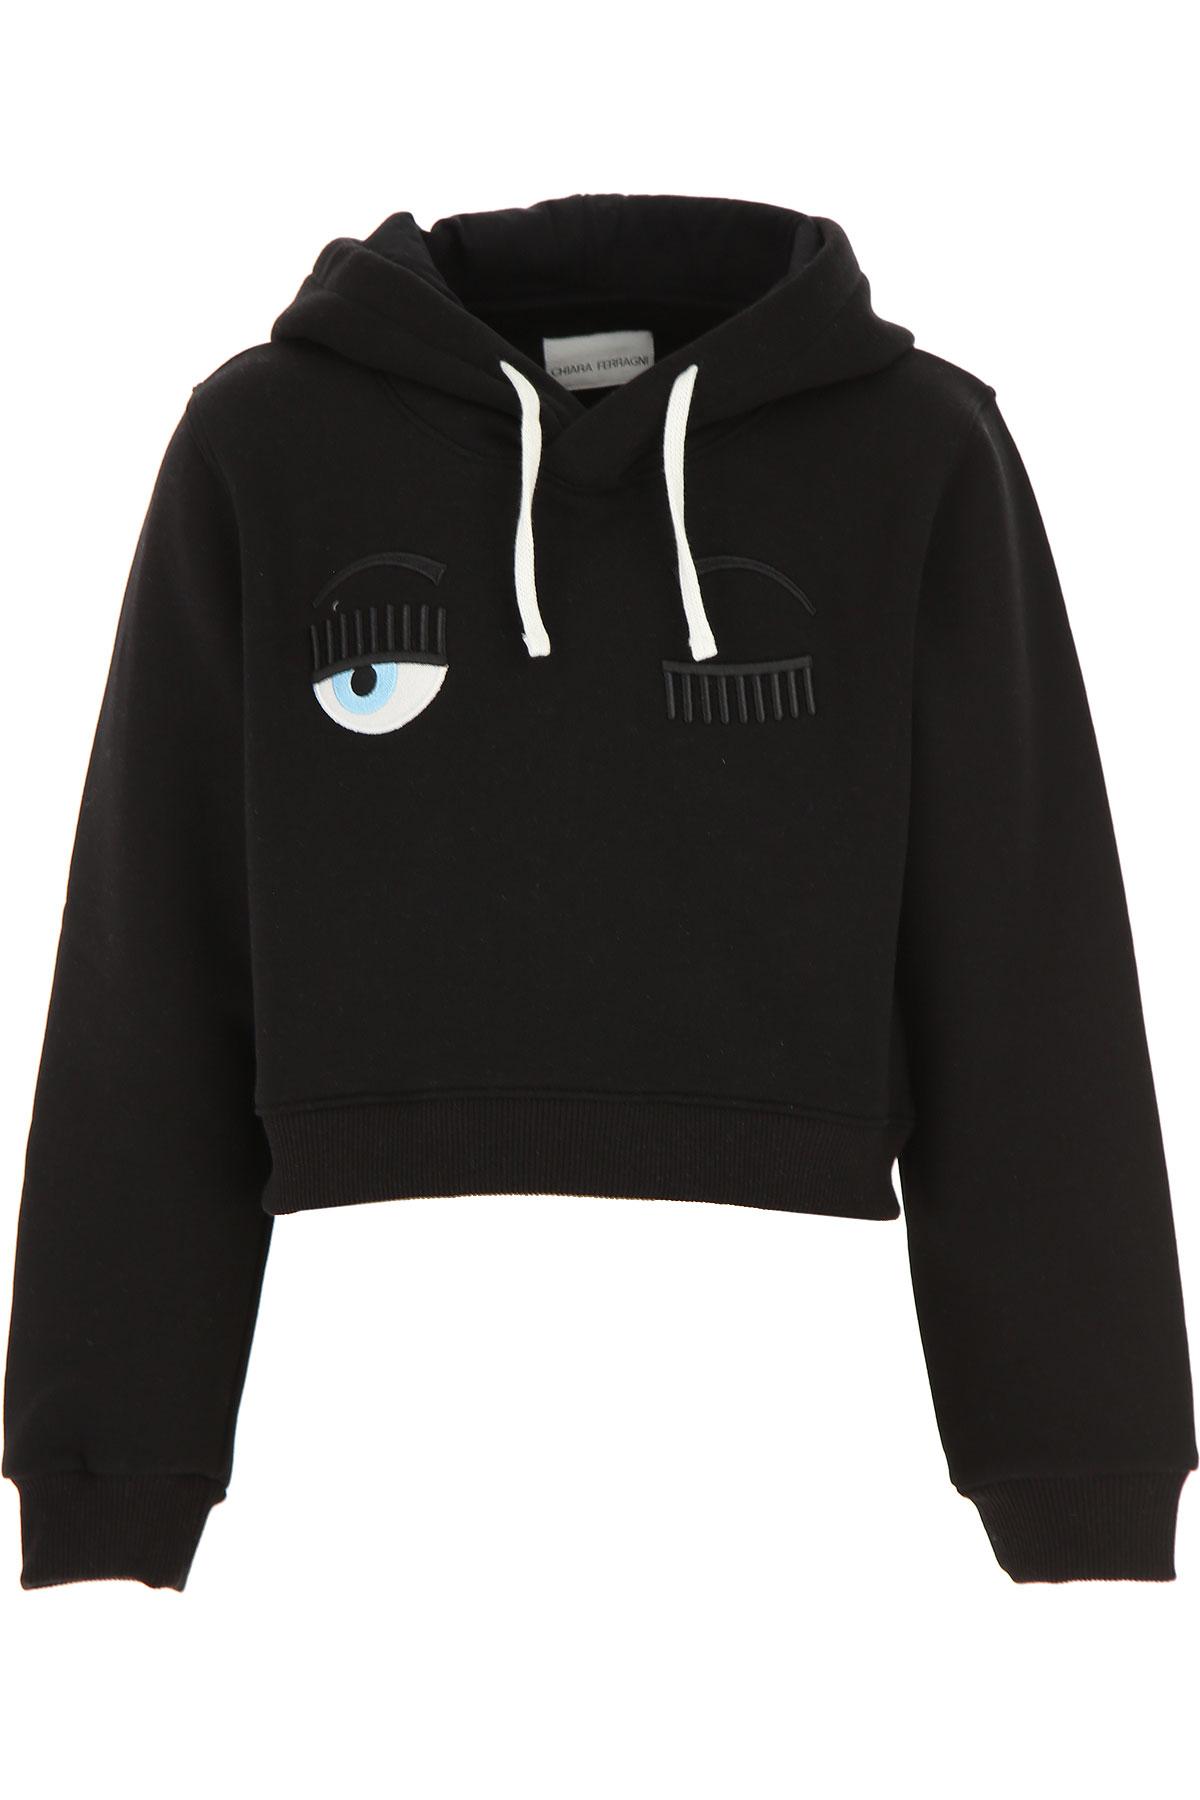 Chiara Ferragni Kids Sweatshirts & Hoodies for Girls On Sale, Black, Cotton, 2019, 10Y 12Y 14Y 8Y